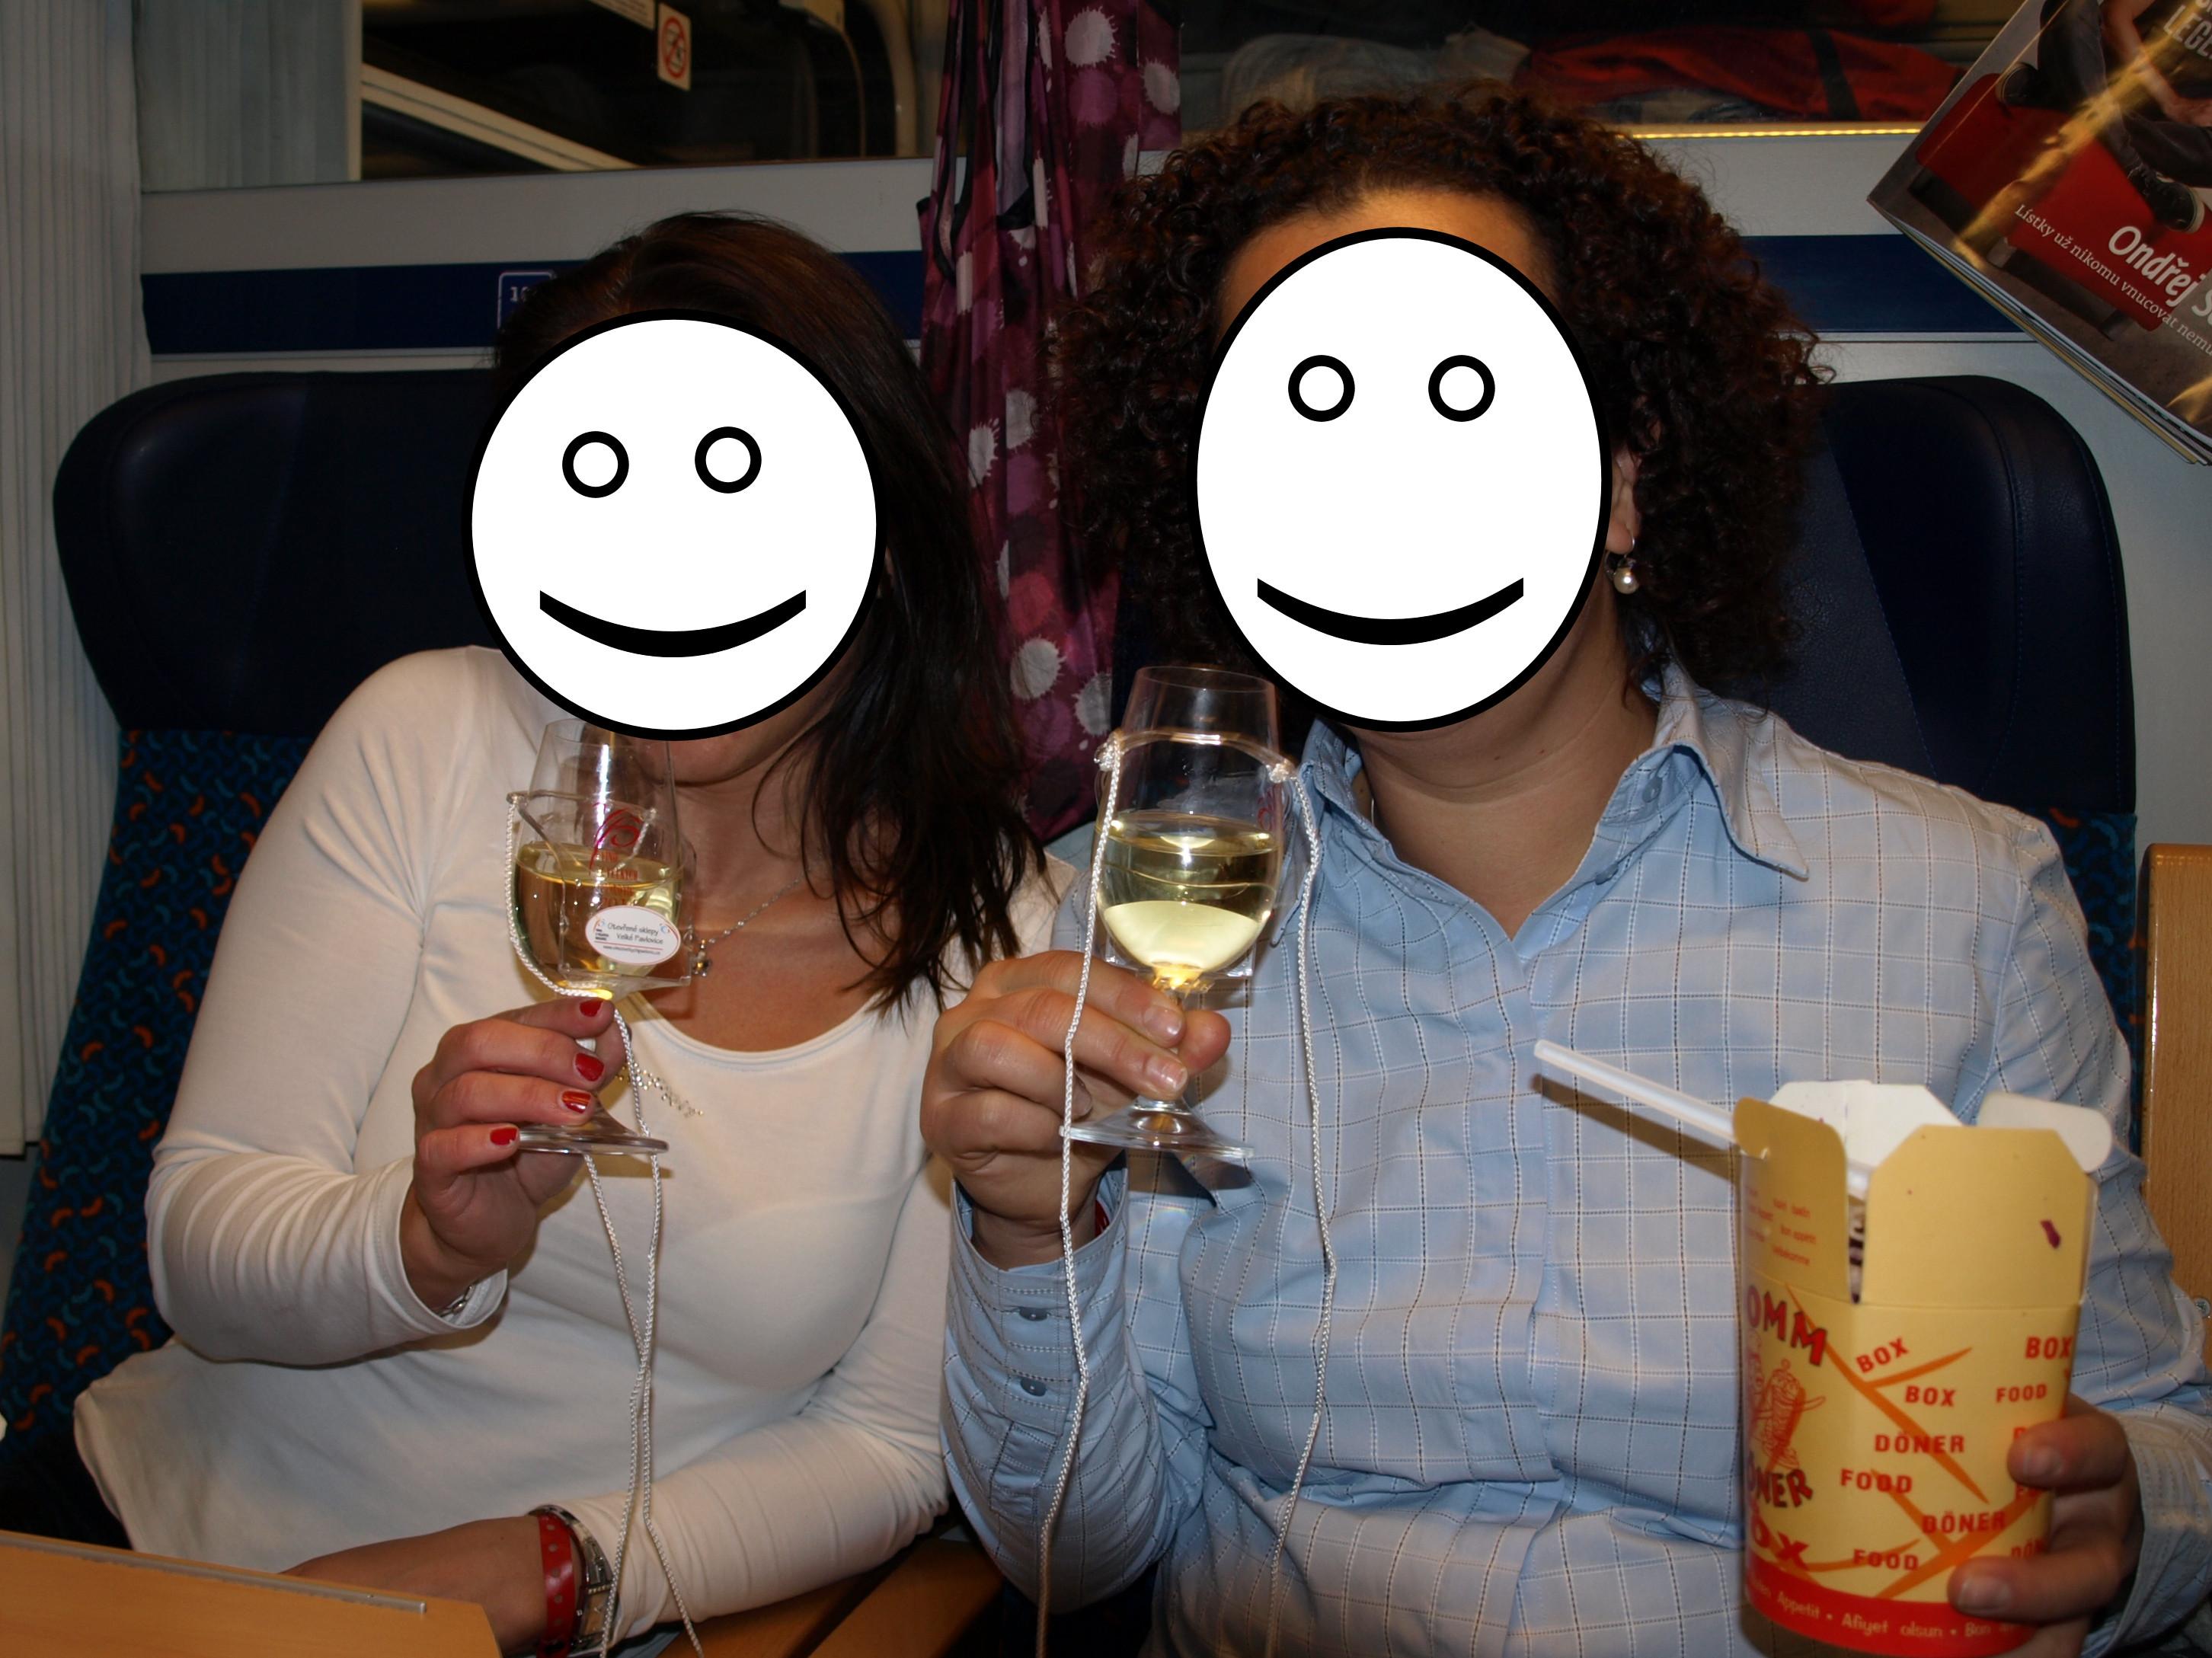 Vlak je báječný na cesty s přáteli